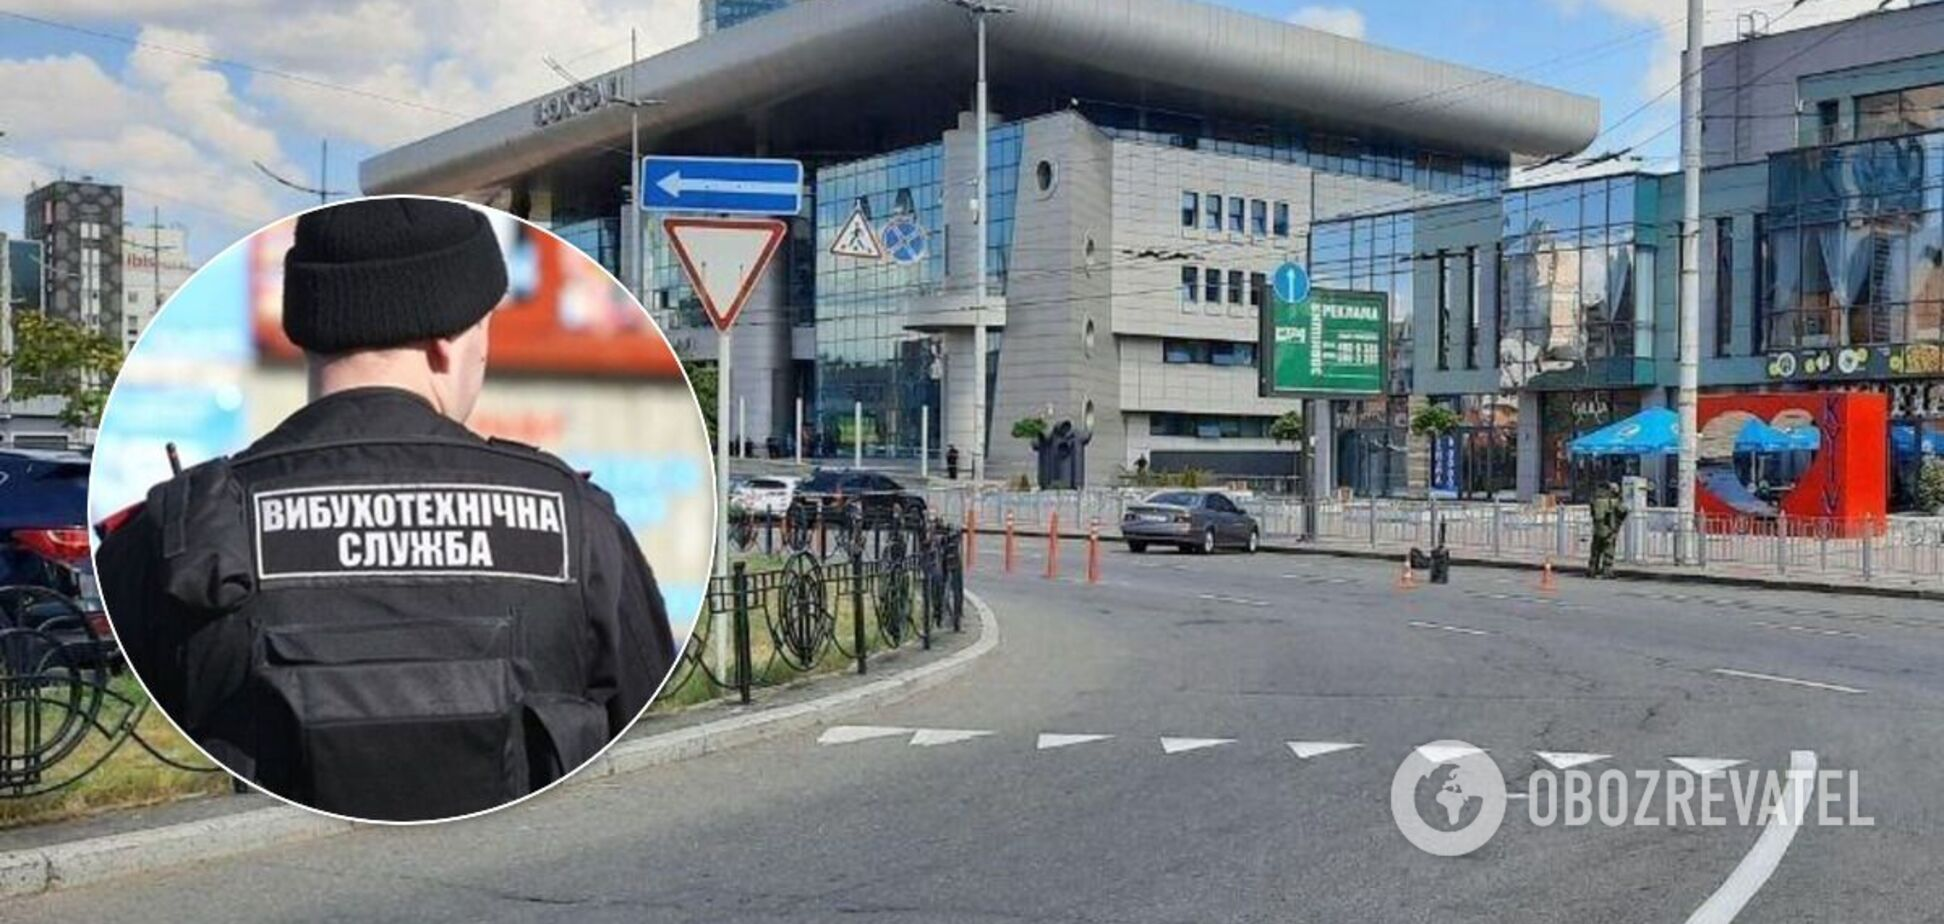 Поліція перевірила можливу вибухівку